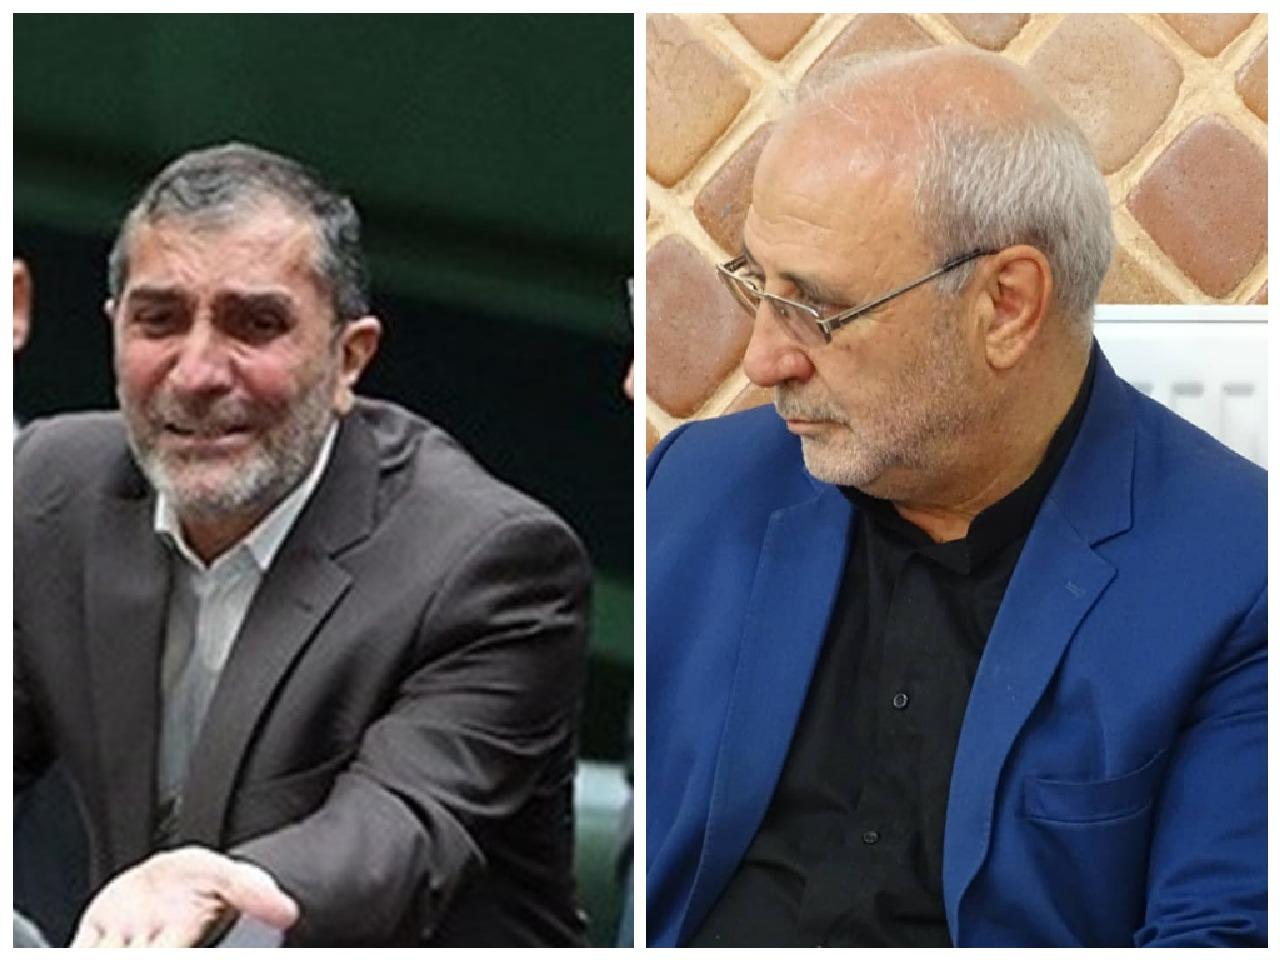 پیام تسلیت آقای حاجی در پی درگذشت دکتر علی اصغر زارعی